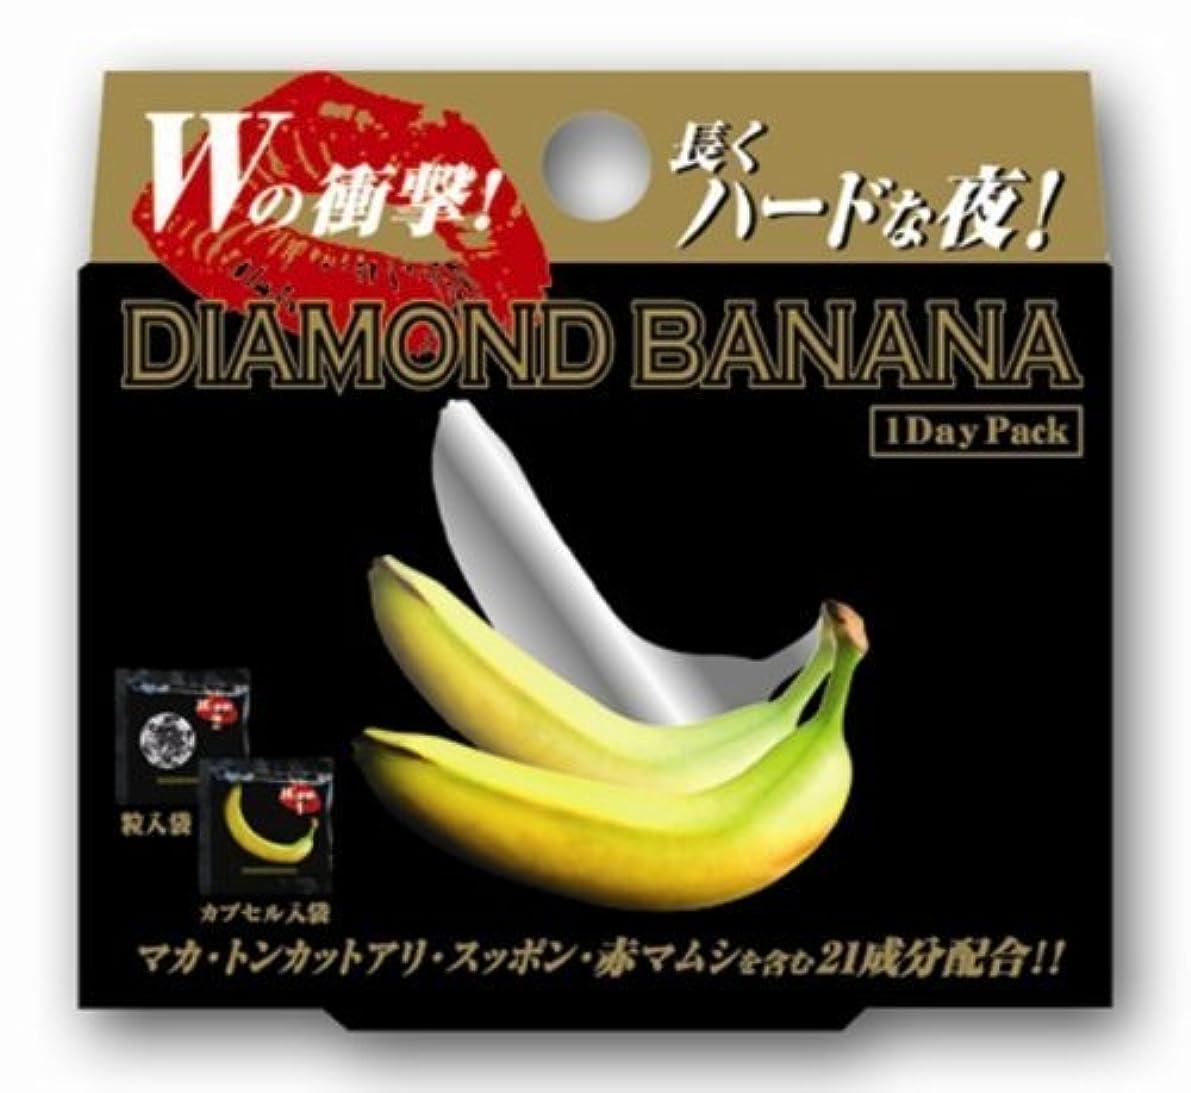 人工的な弁護士六分儀【2個セット】ダイヤモンドバナナ 1DAYパック